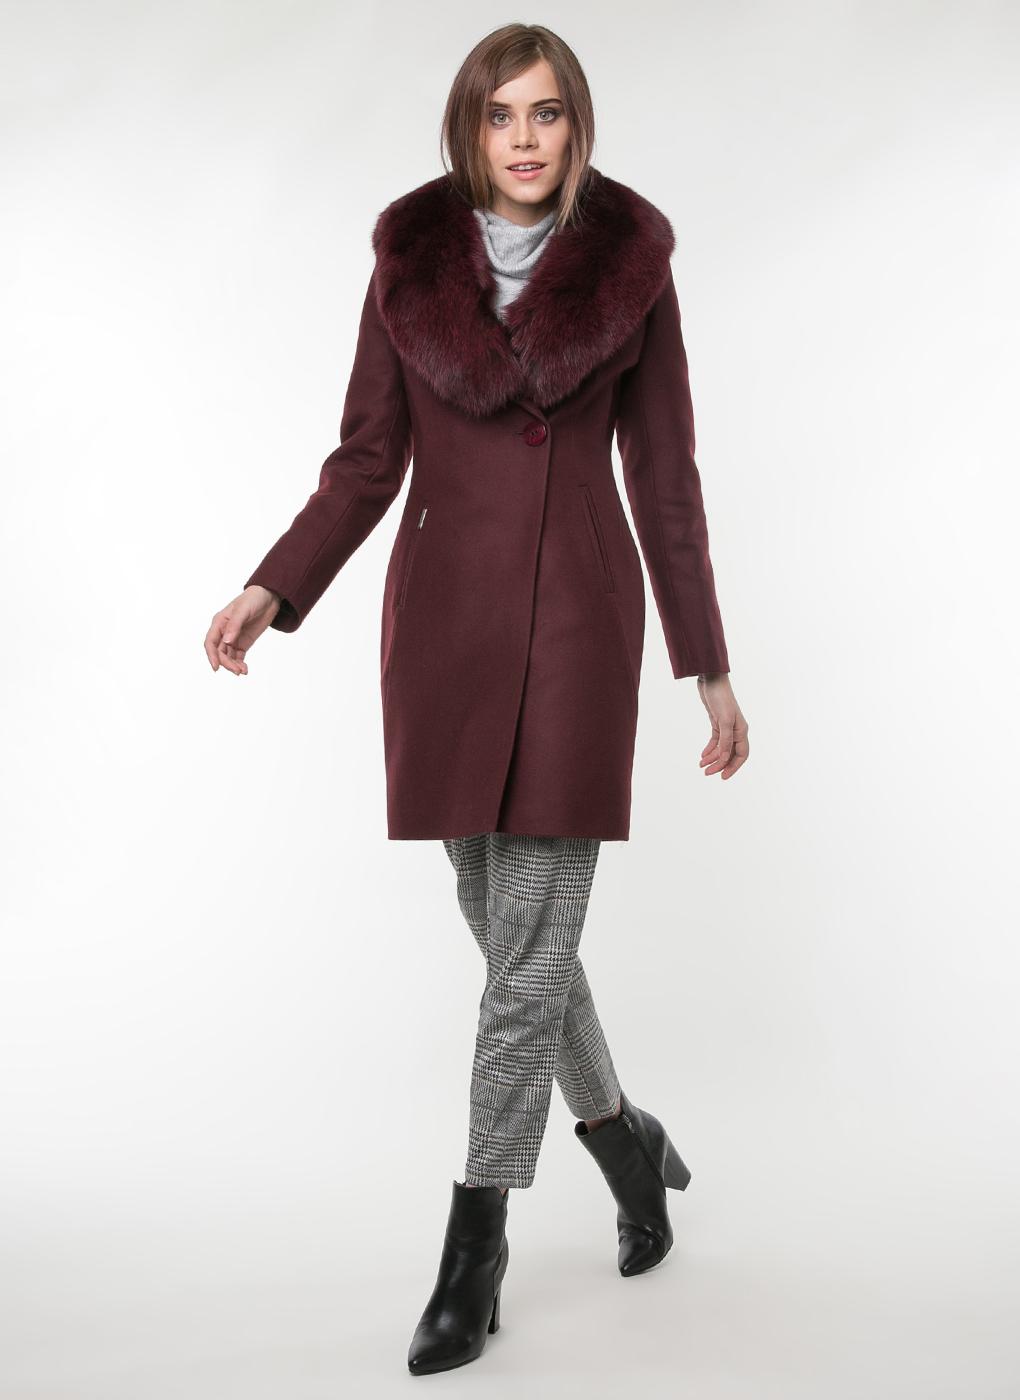 Пальто приталенное шерстяное 58, idekka